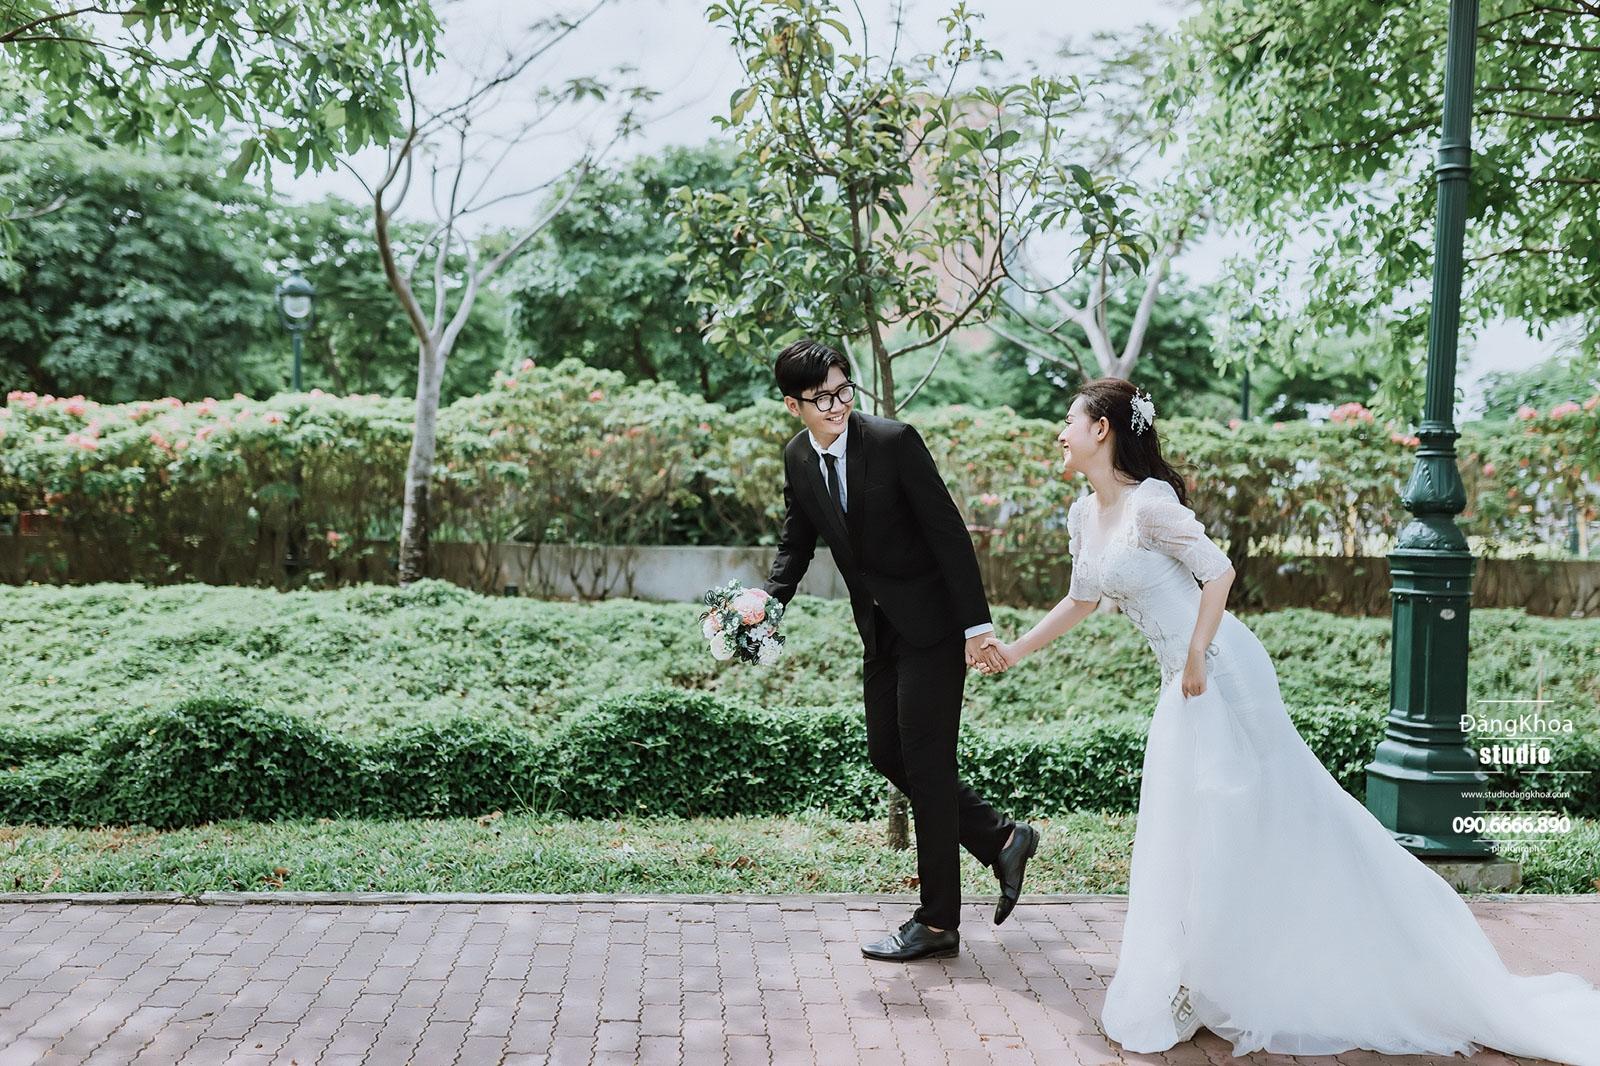 các studio chụp ảnh cưới đẹp tại TPHCM